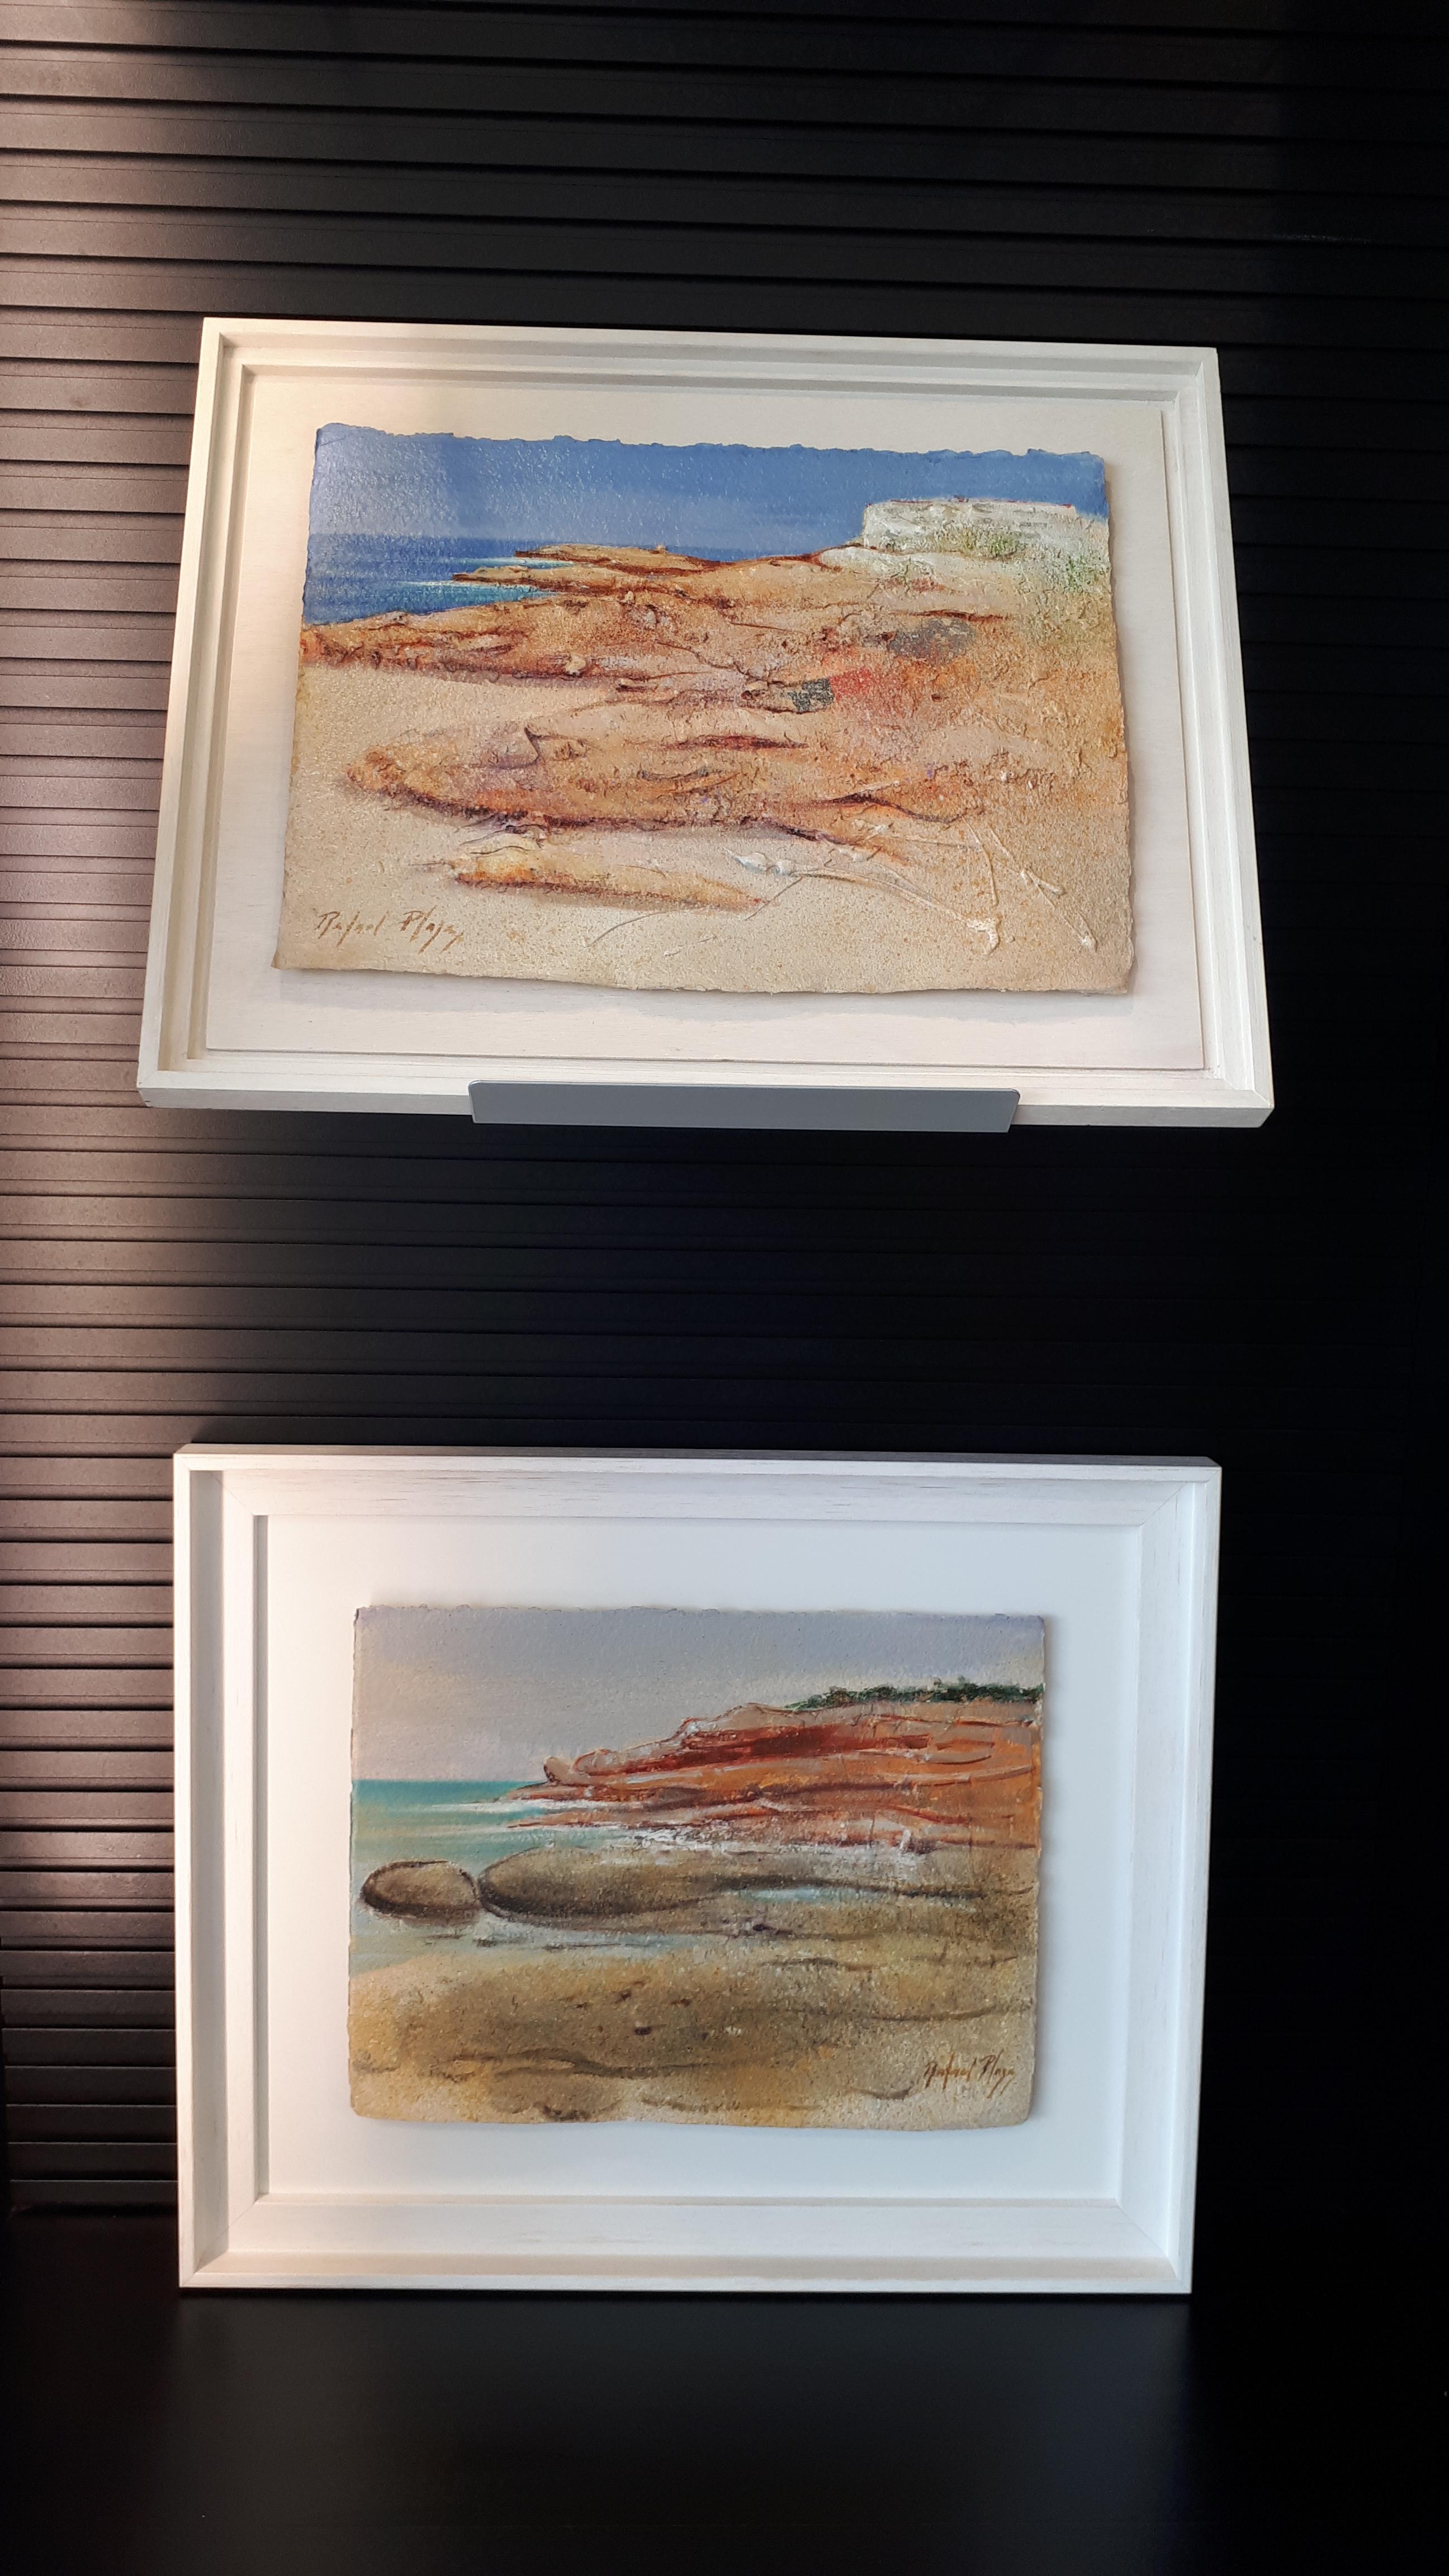 Imatge de dos quadres del pintor Rafael Plaza